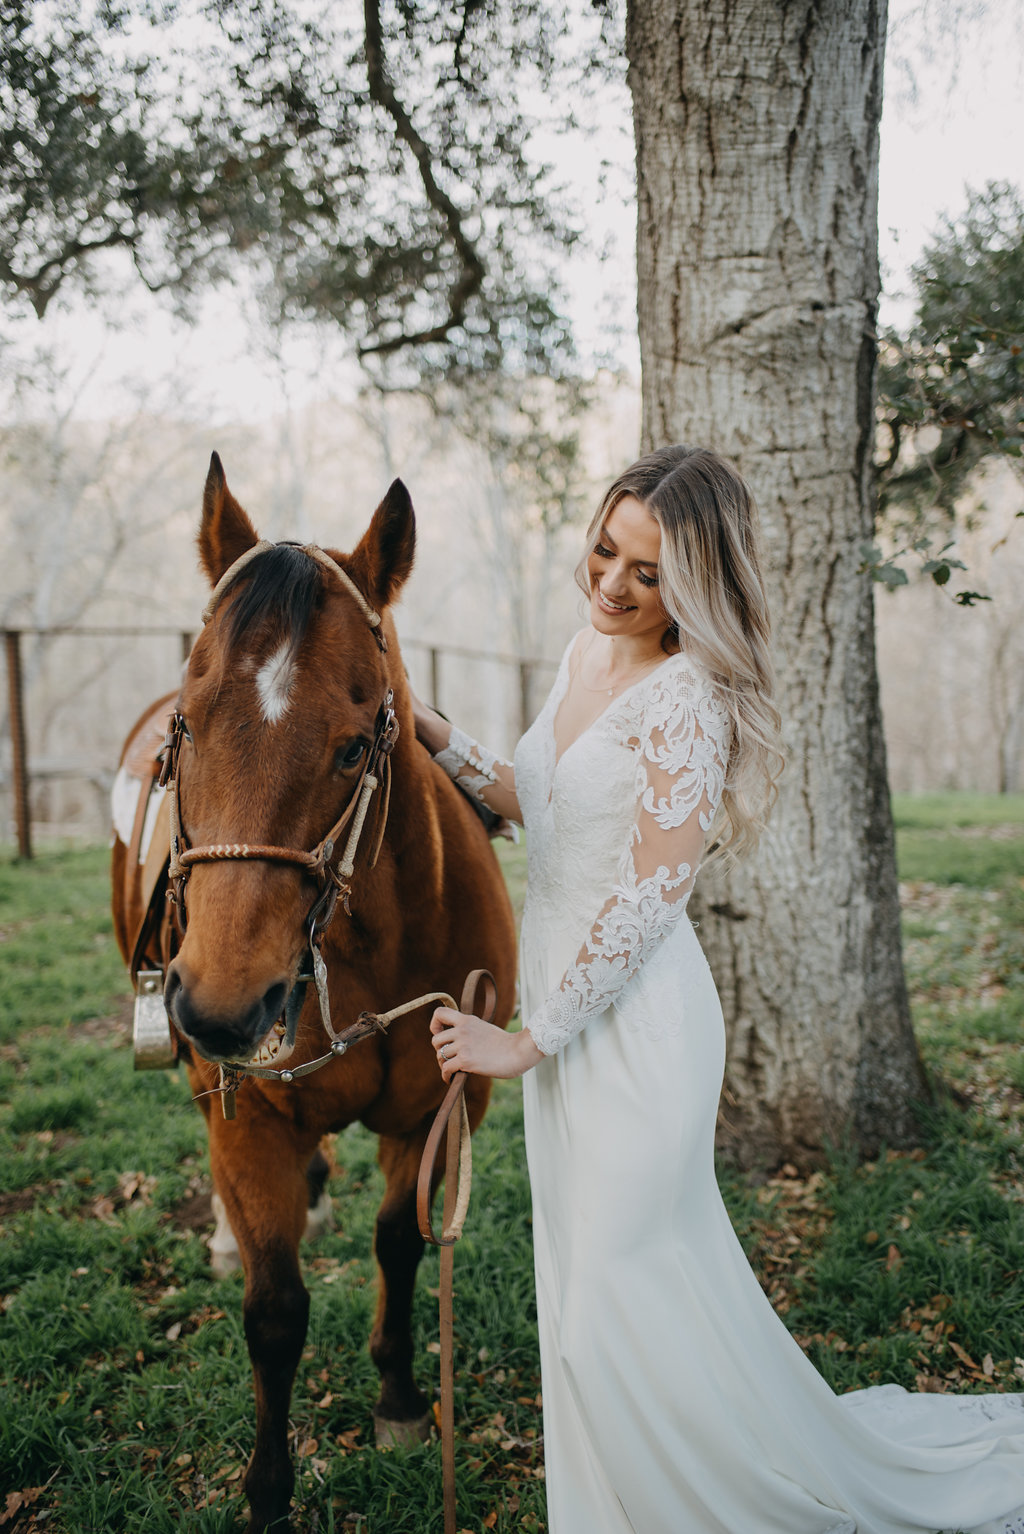 boho wedding shoot, horeseback riding